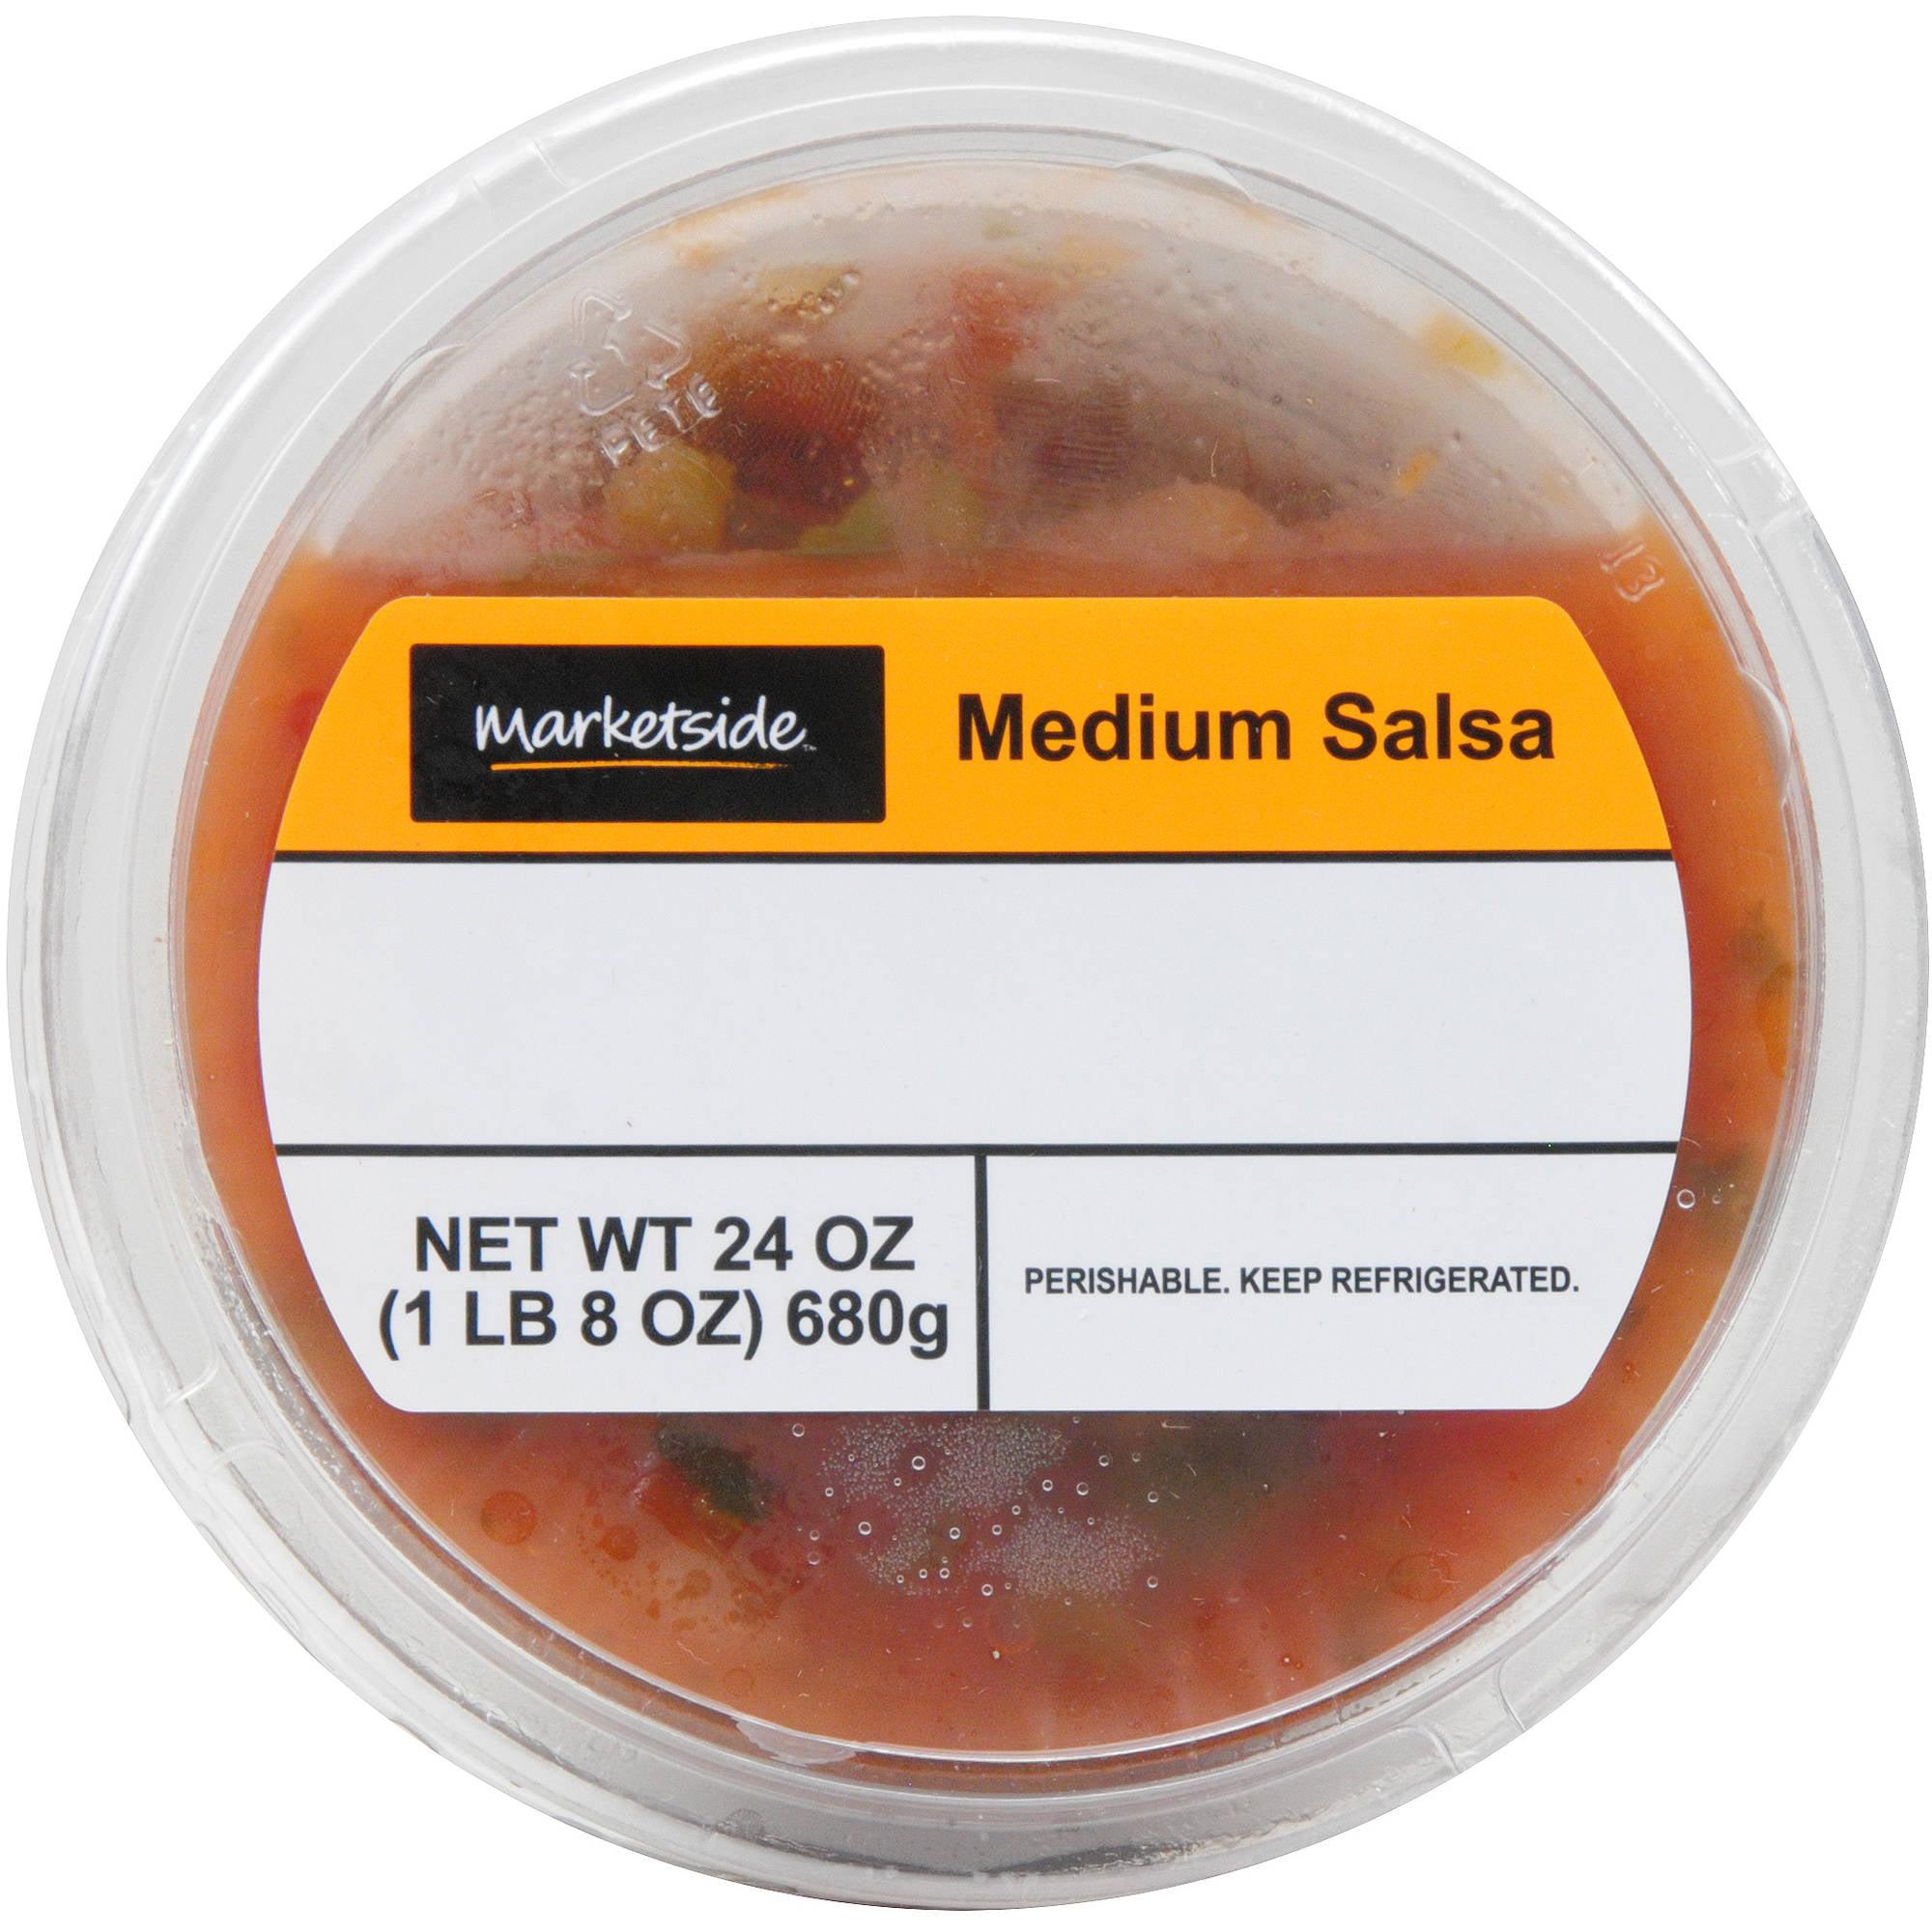 Marketside Medium Salsa, 24 oz